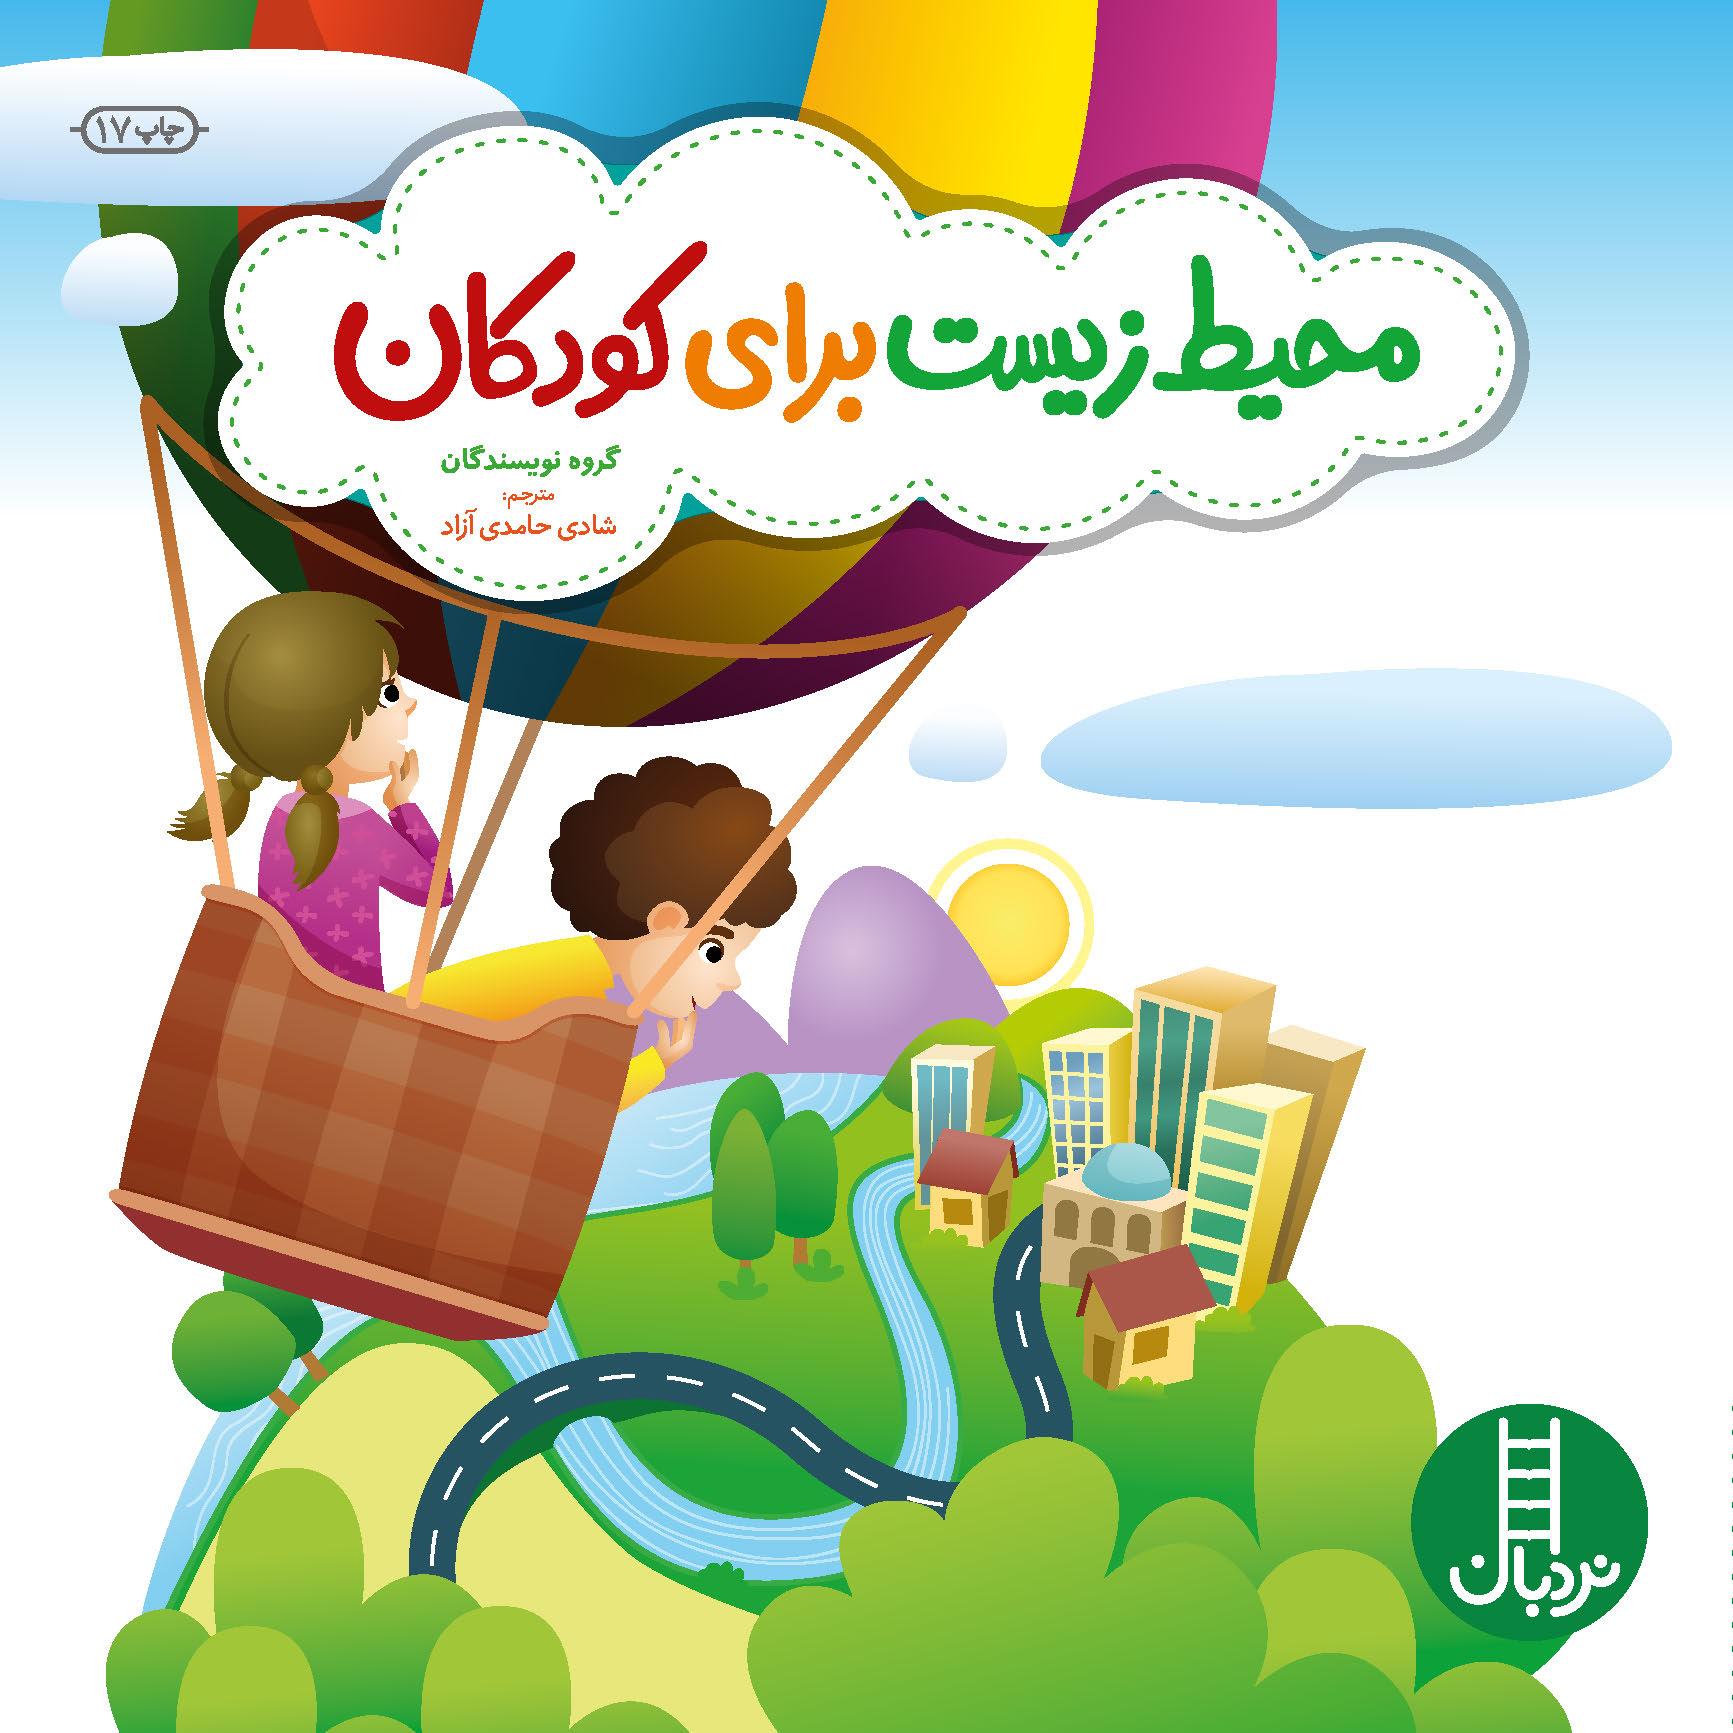 محیط زیست برای کودکان